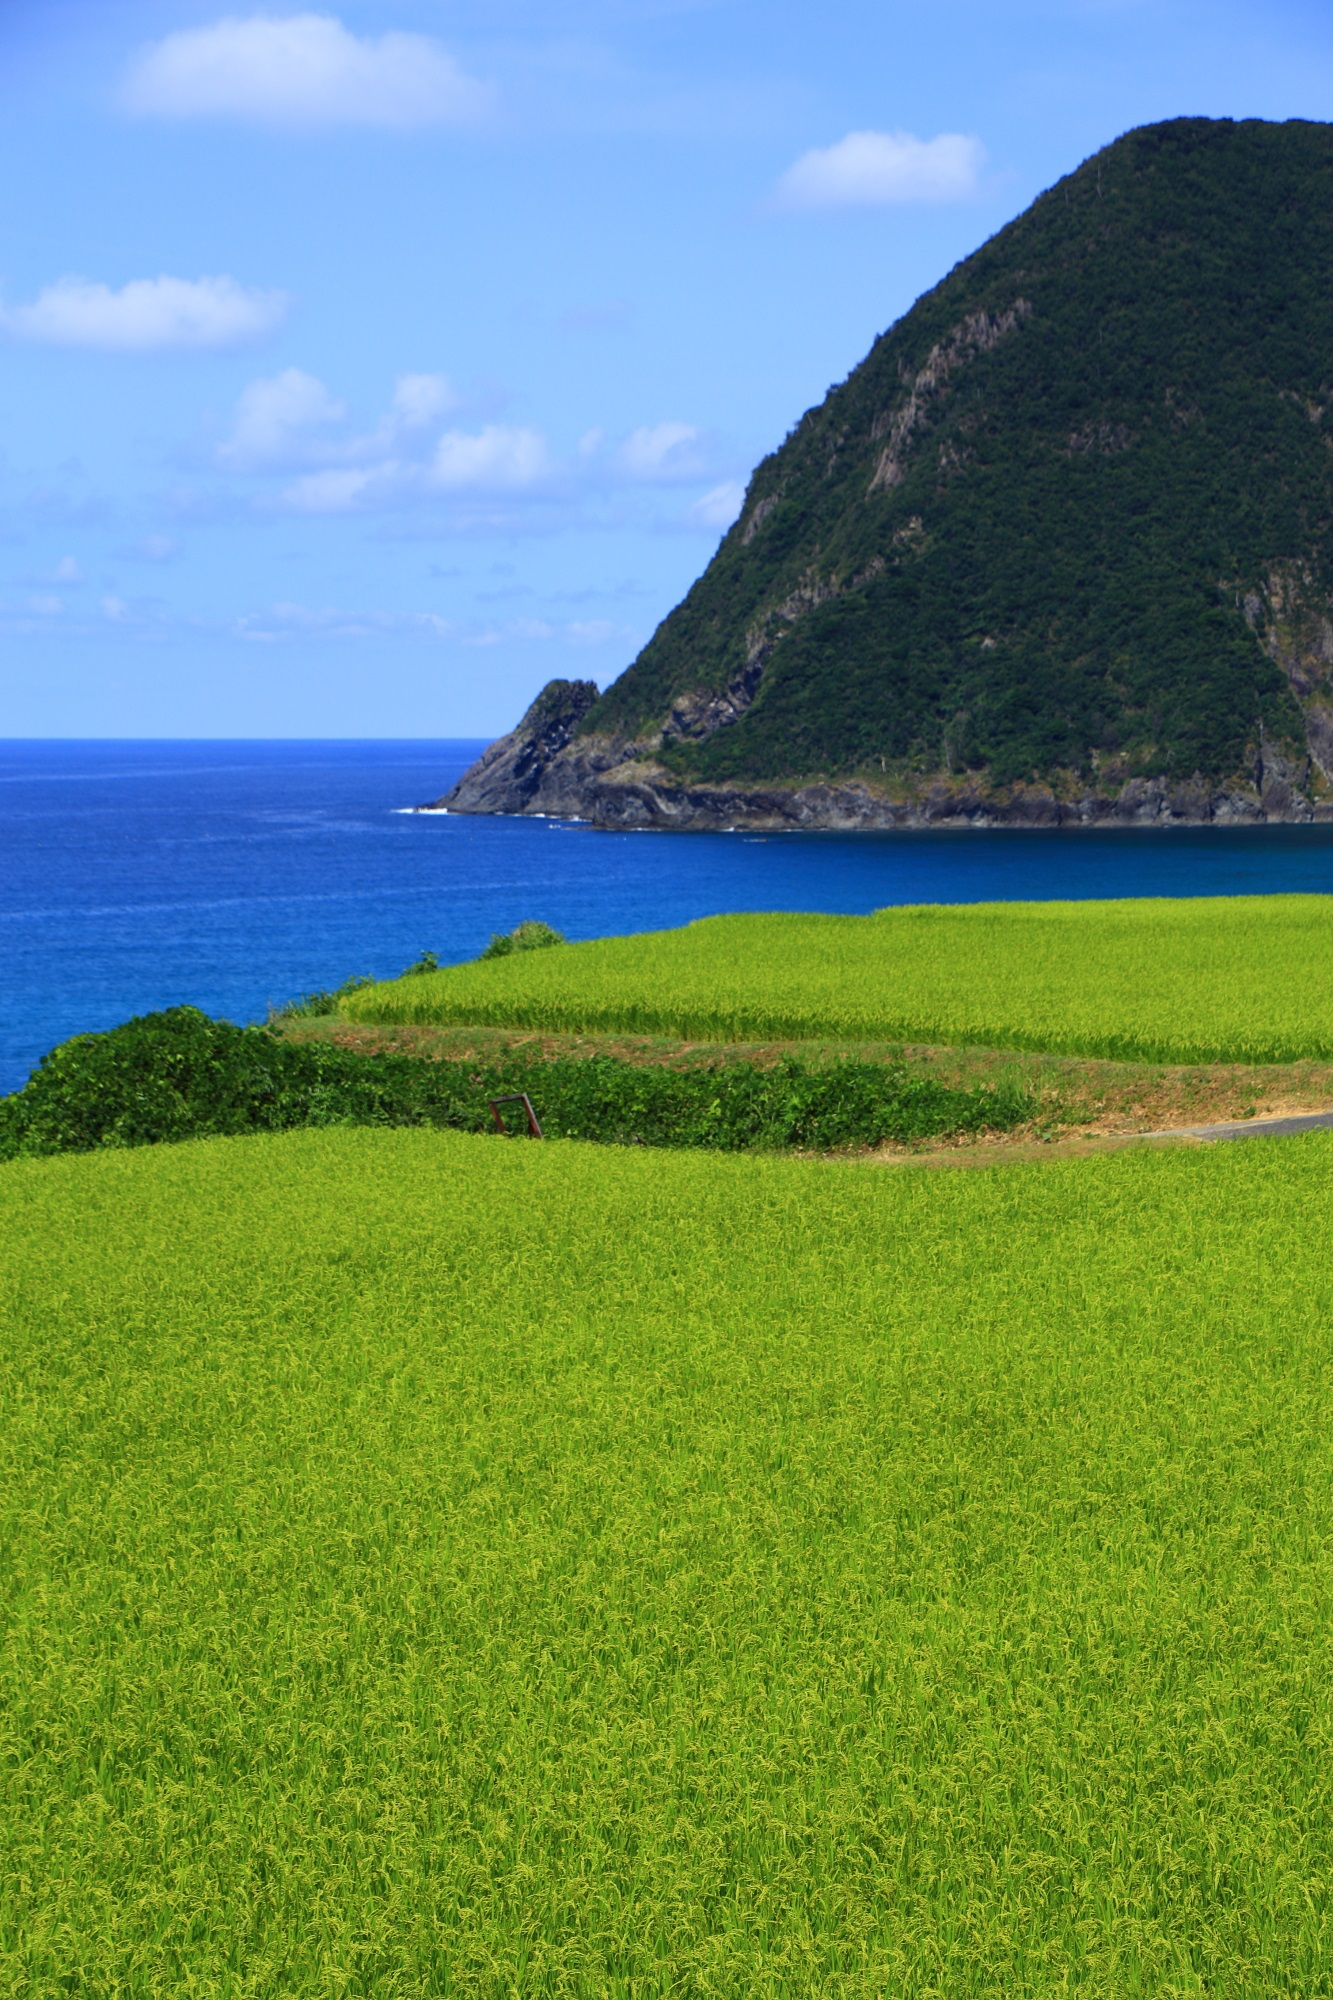 京丹後市の犬ヶ岬の素晴らしい海の青と田んぼの緑のコントラスト